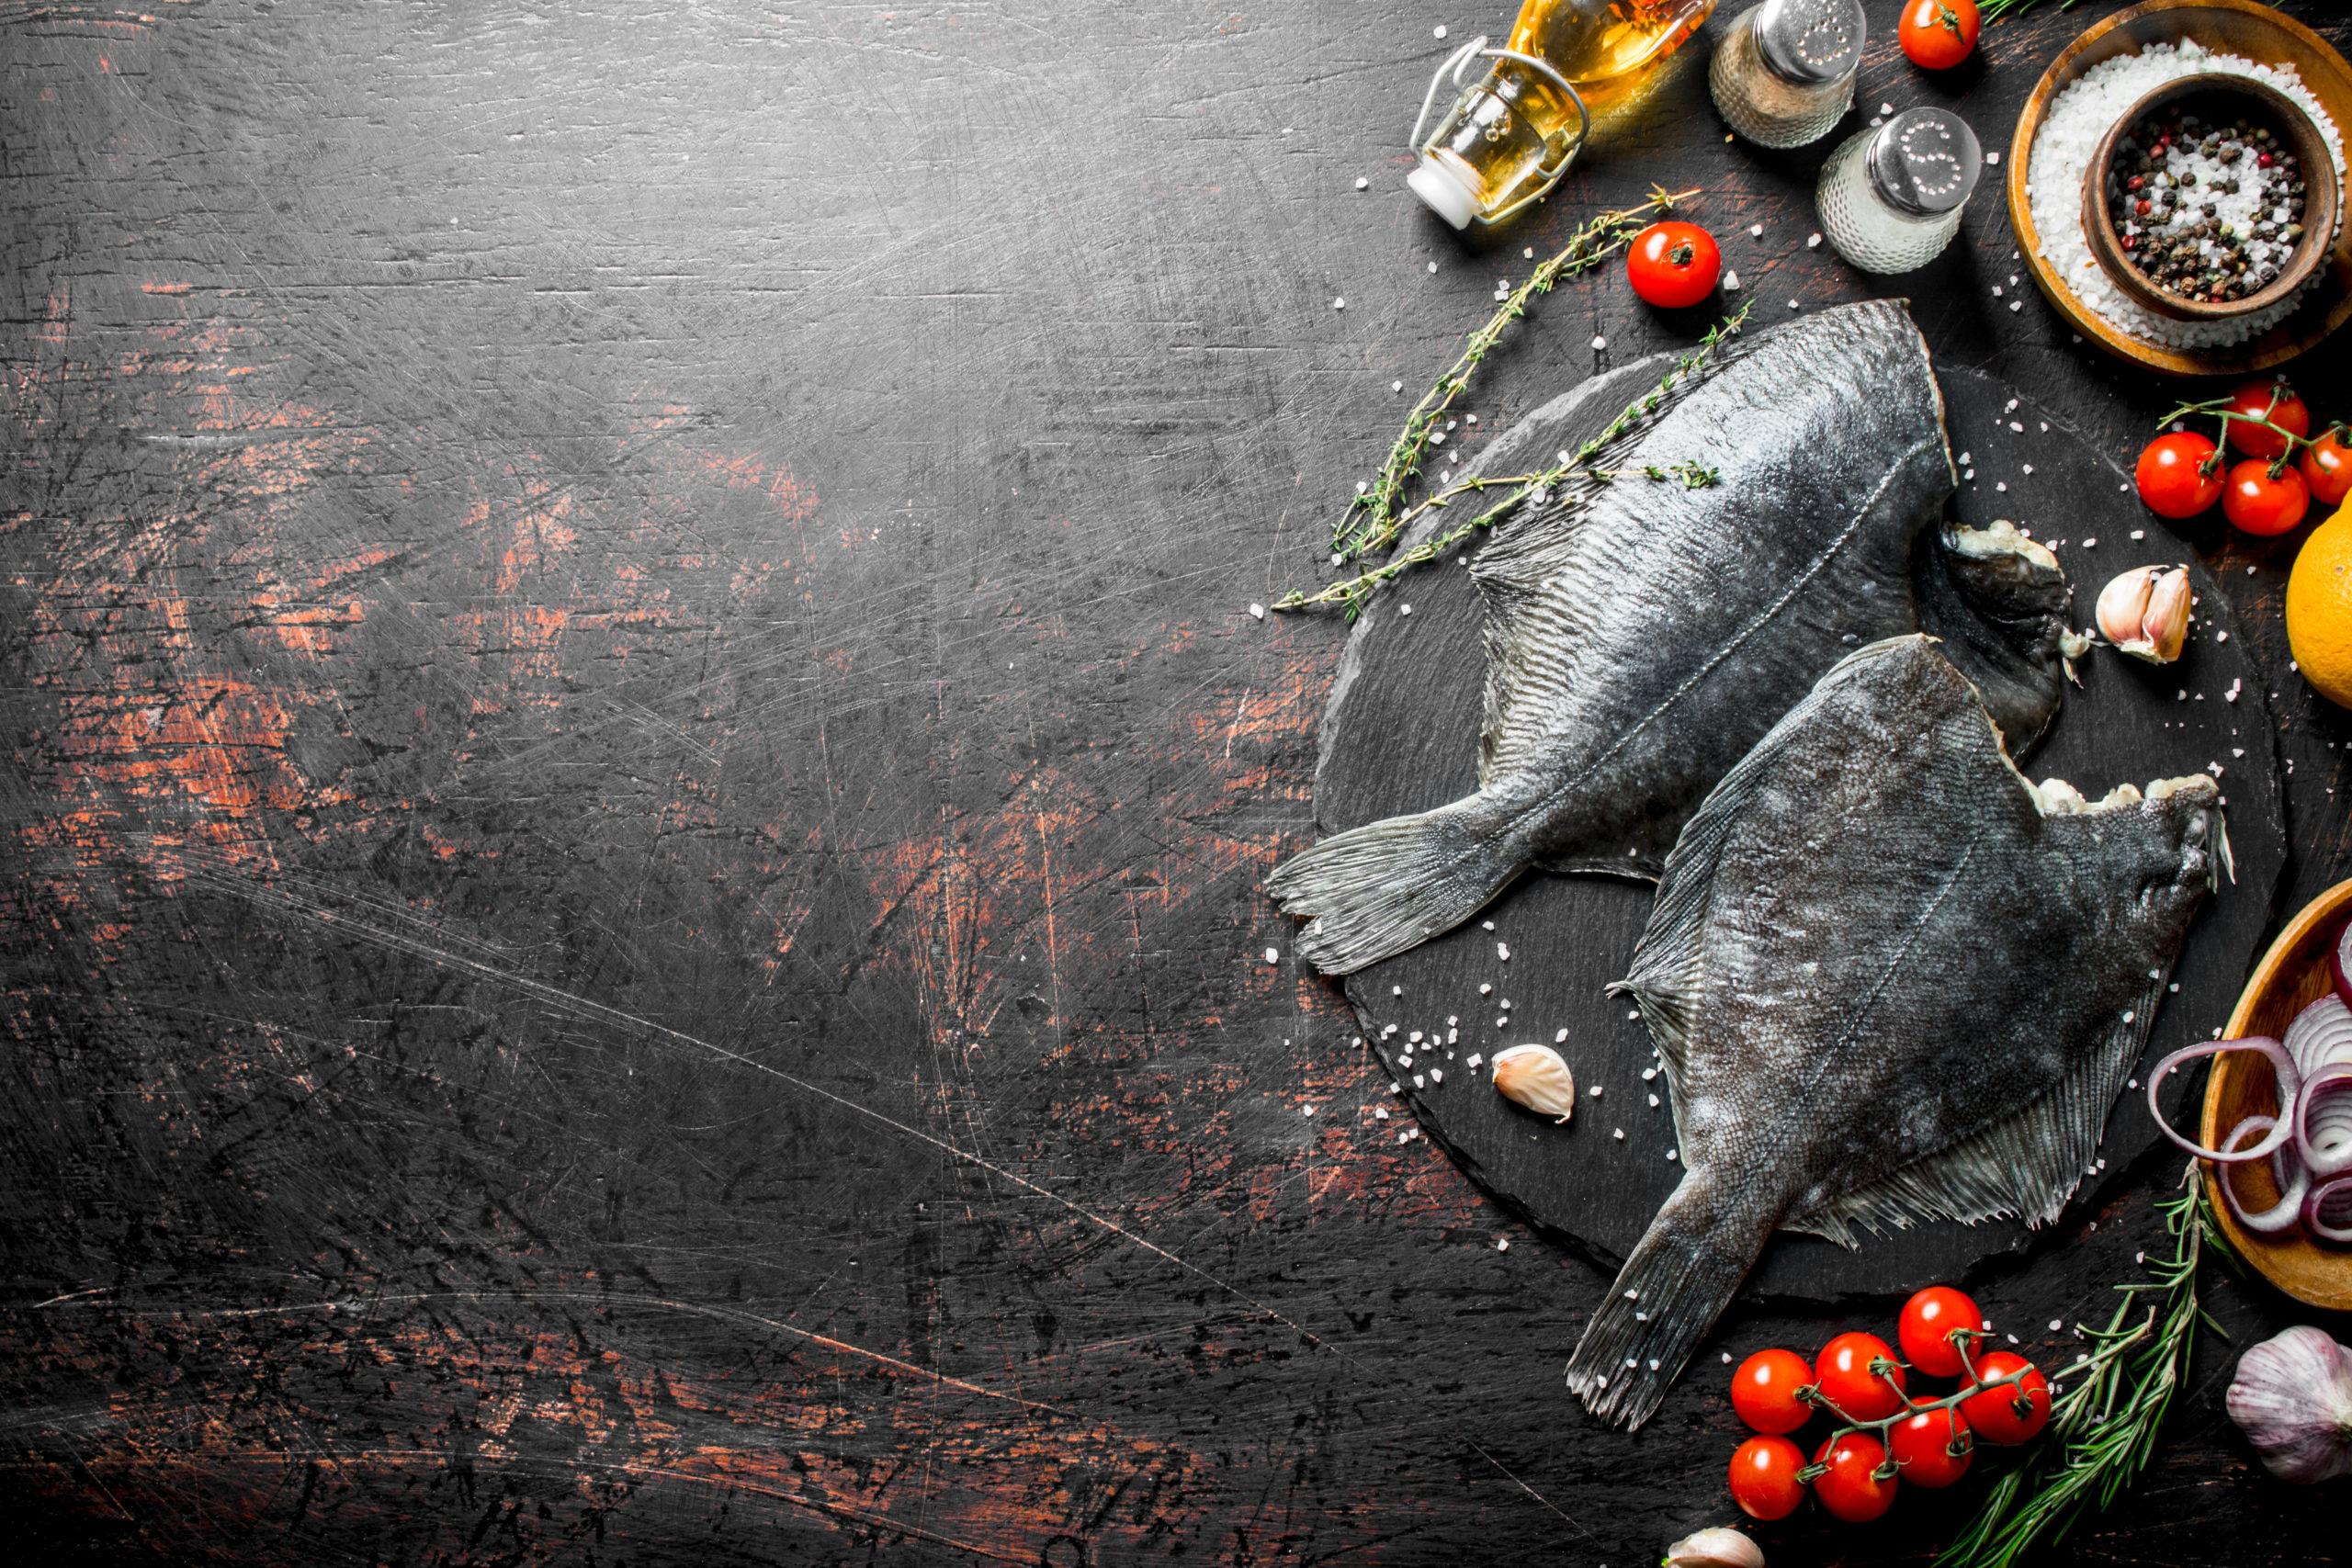 Pesce rombo: una specialità